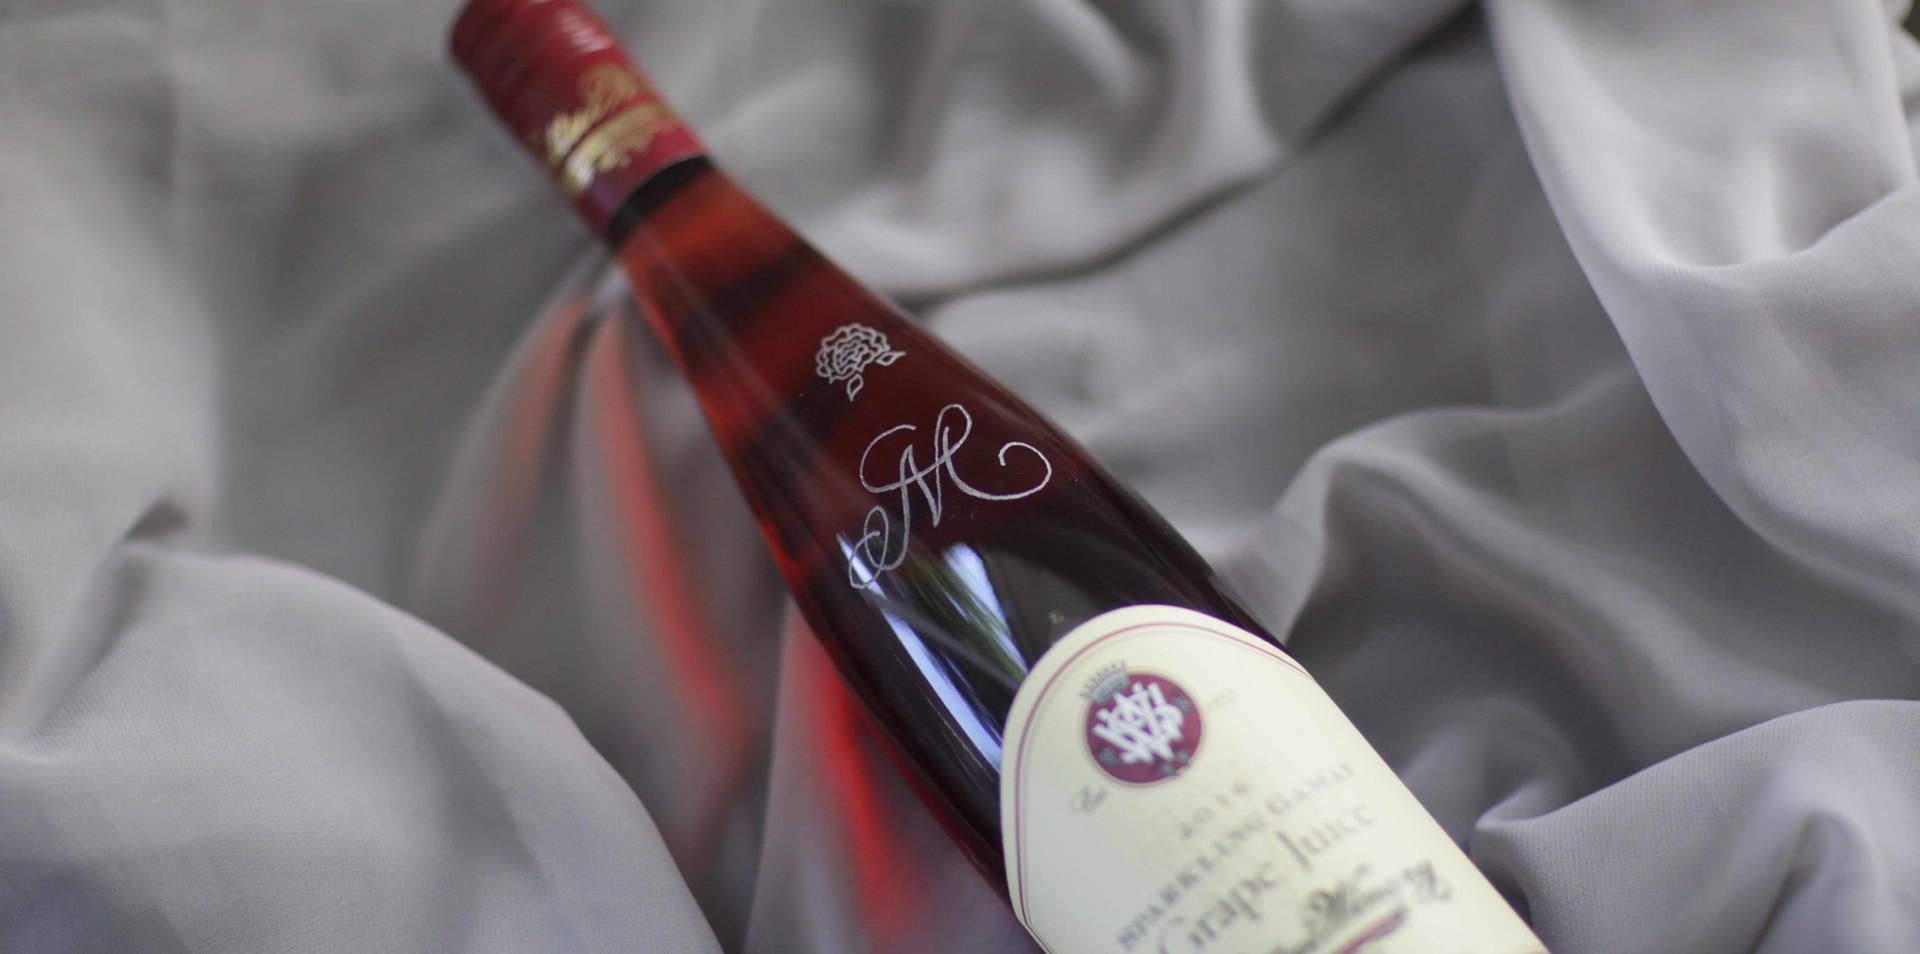 vsattui-wine-bottle-engraving.jpeg